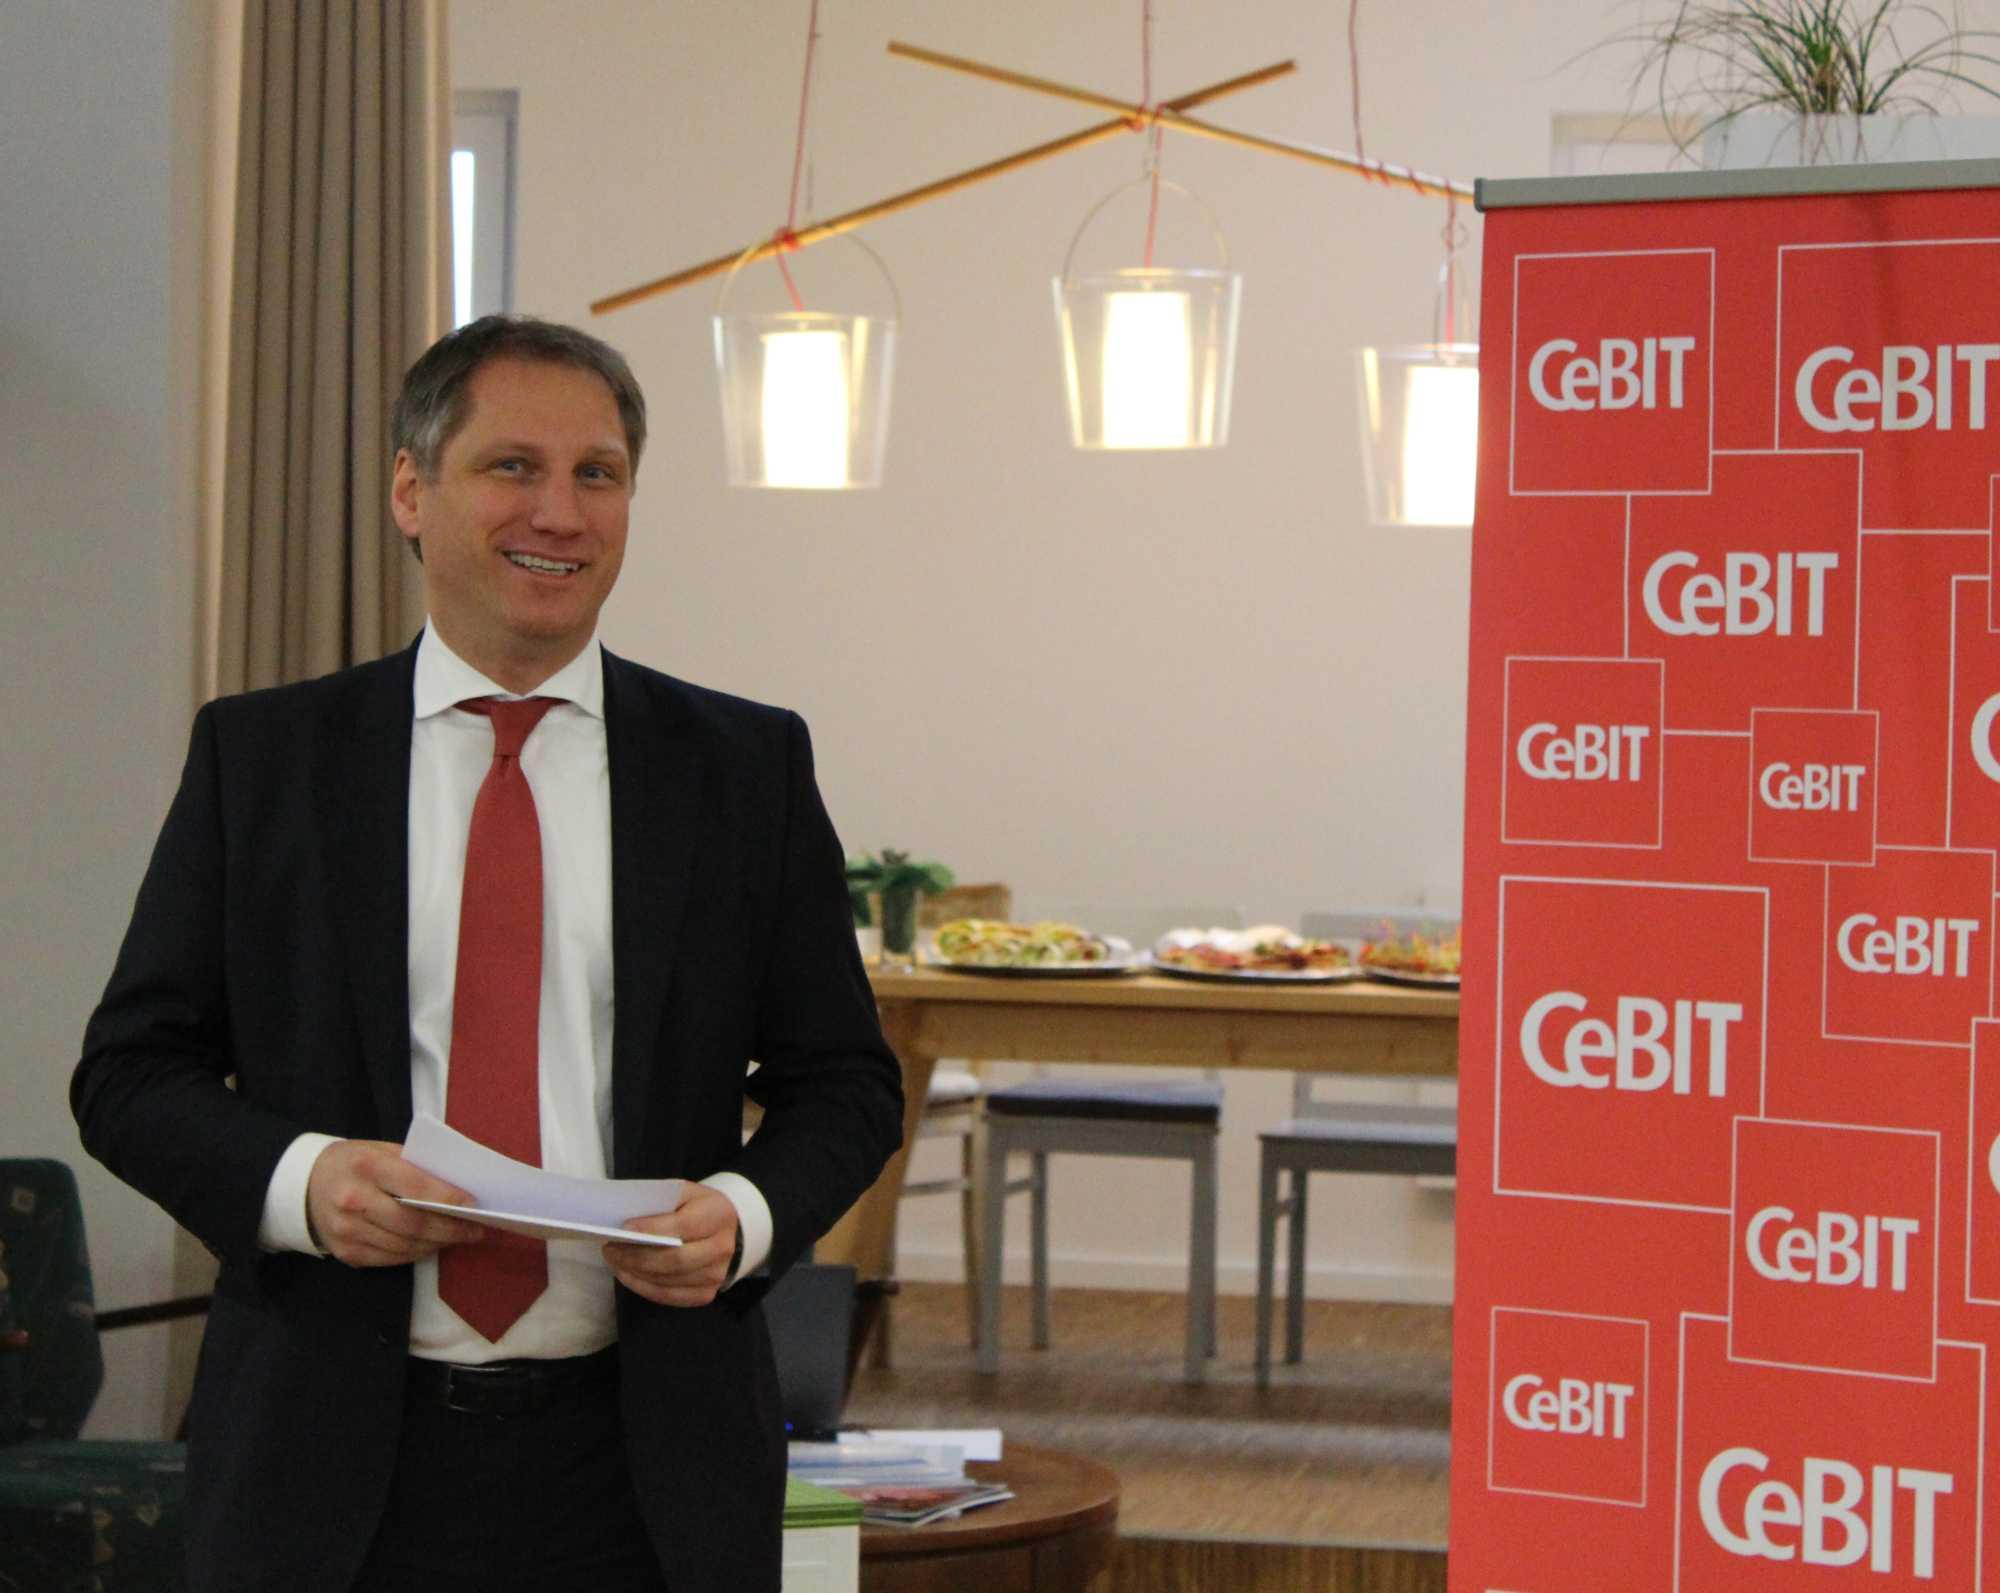 Frank Pörschmann, CeBIT-Vorstand bei der Deutschen Messe AG